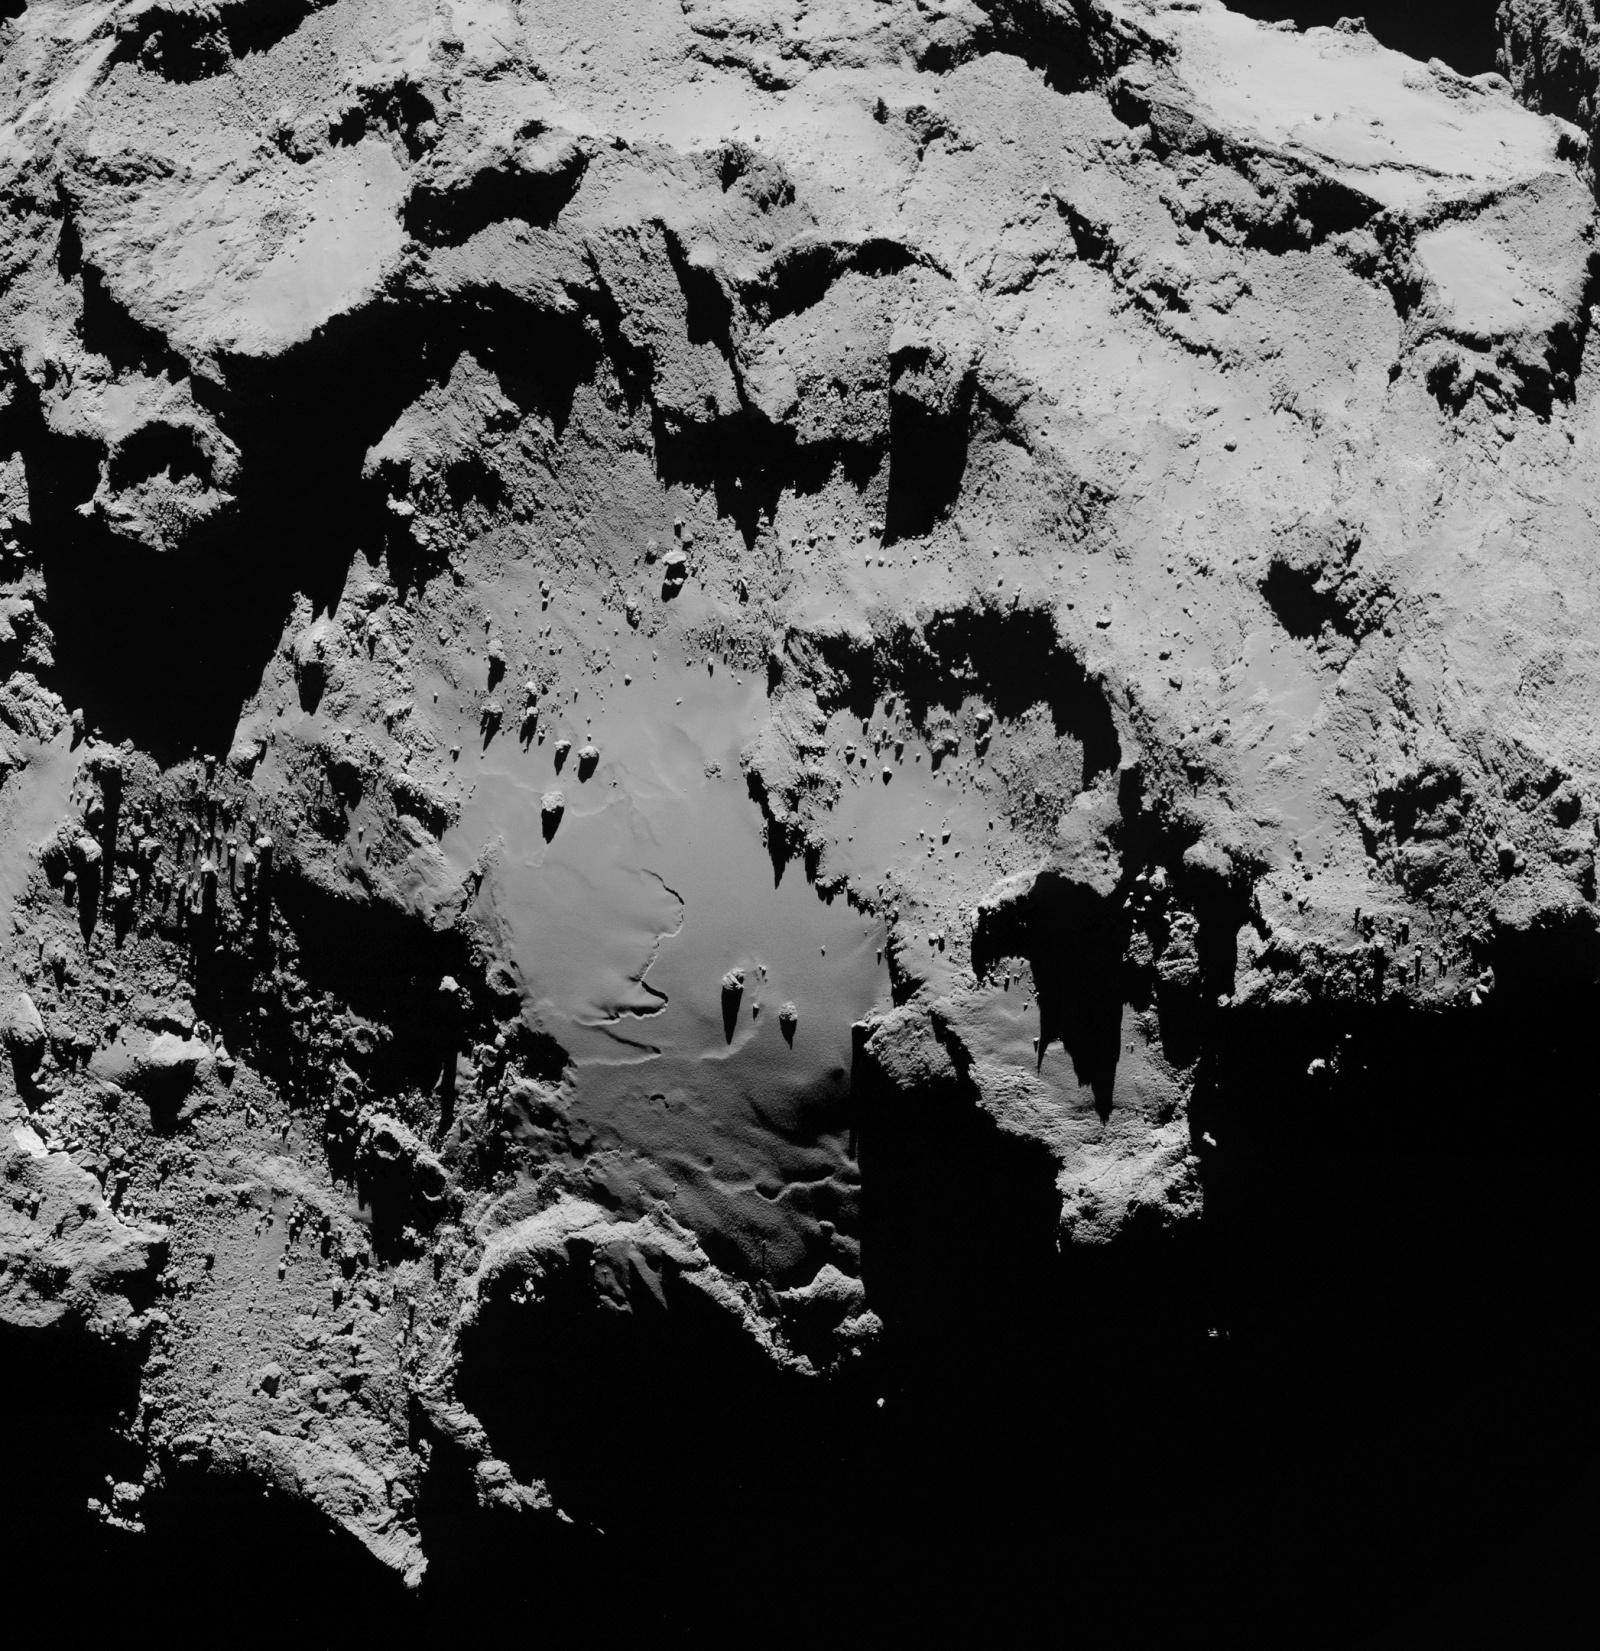 Космическое агентство ESA выложило в Сеть новые фотографии кометы Чурюмова-Герасименко - 4